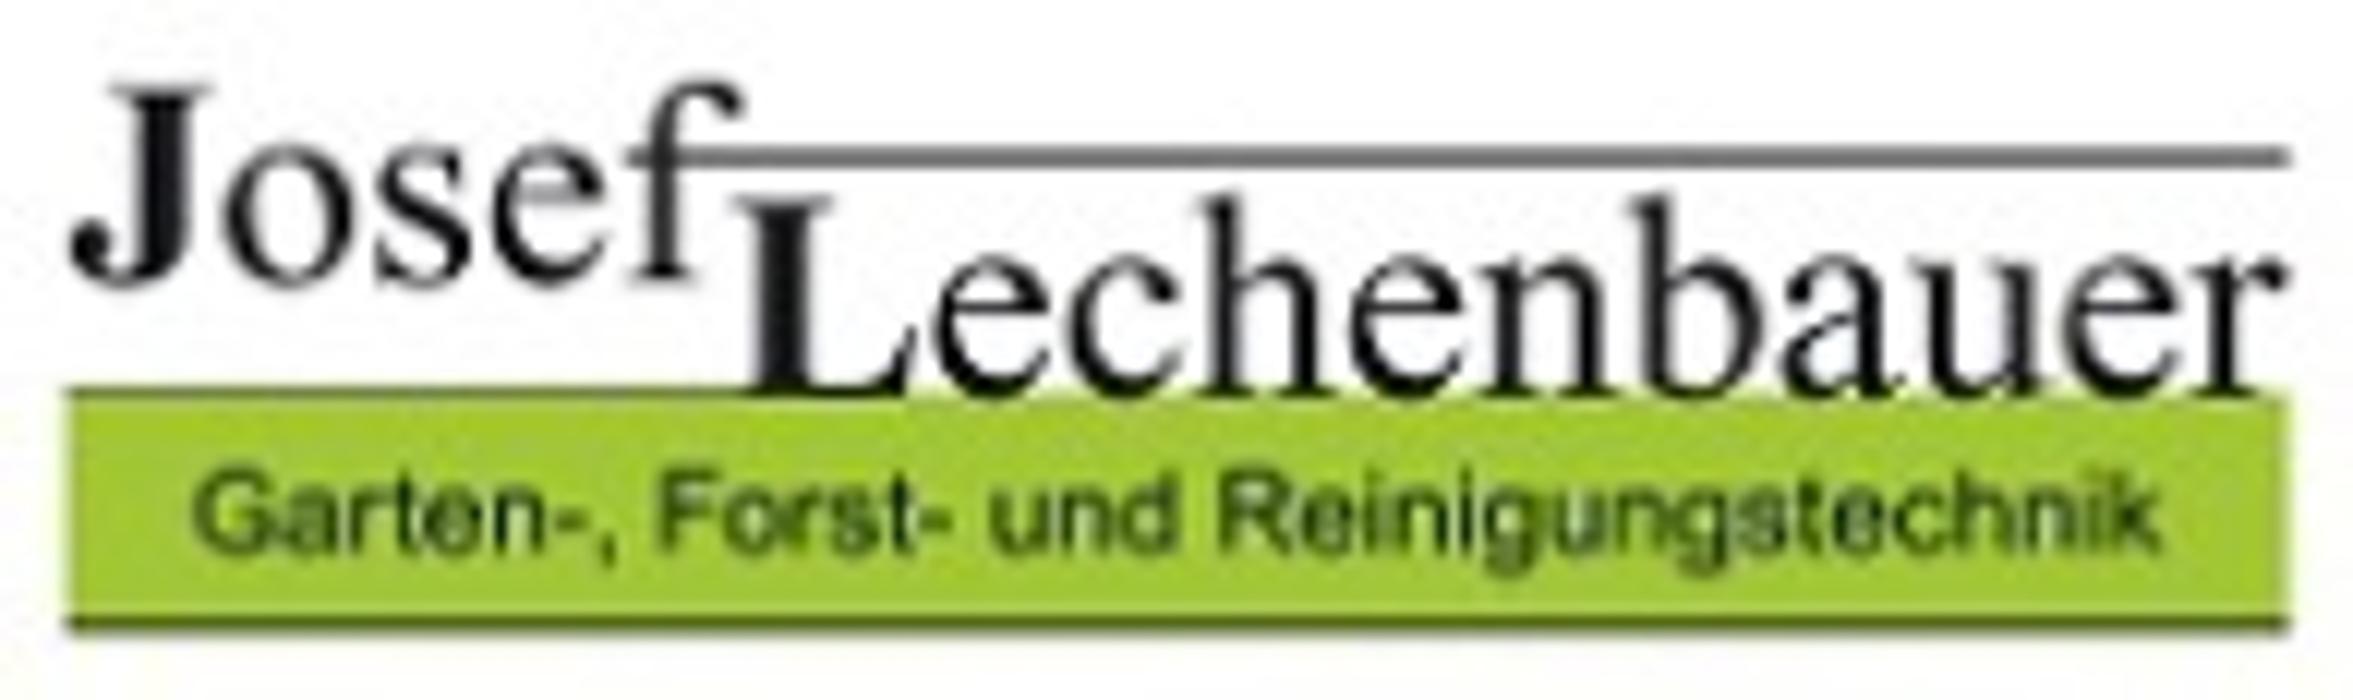 Bild zu Lechenbauer Josef GARTENGERÄTE FORSTGERÄTE GARTENBAU in Altomünster